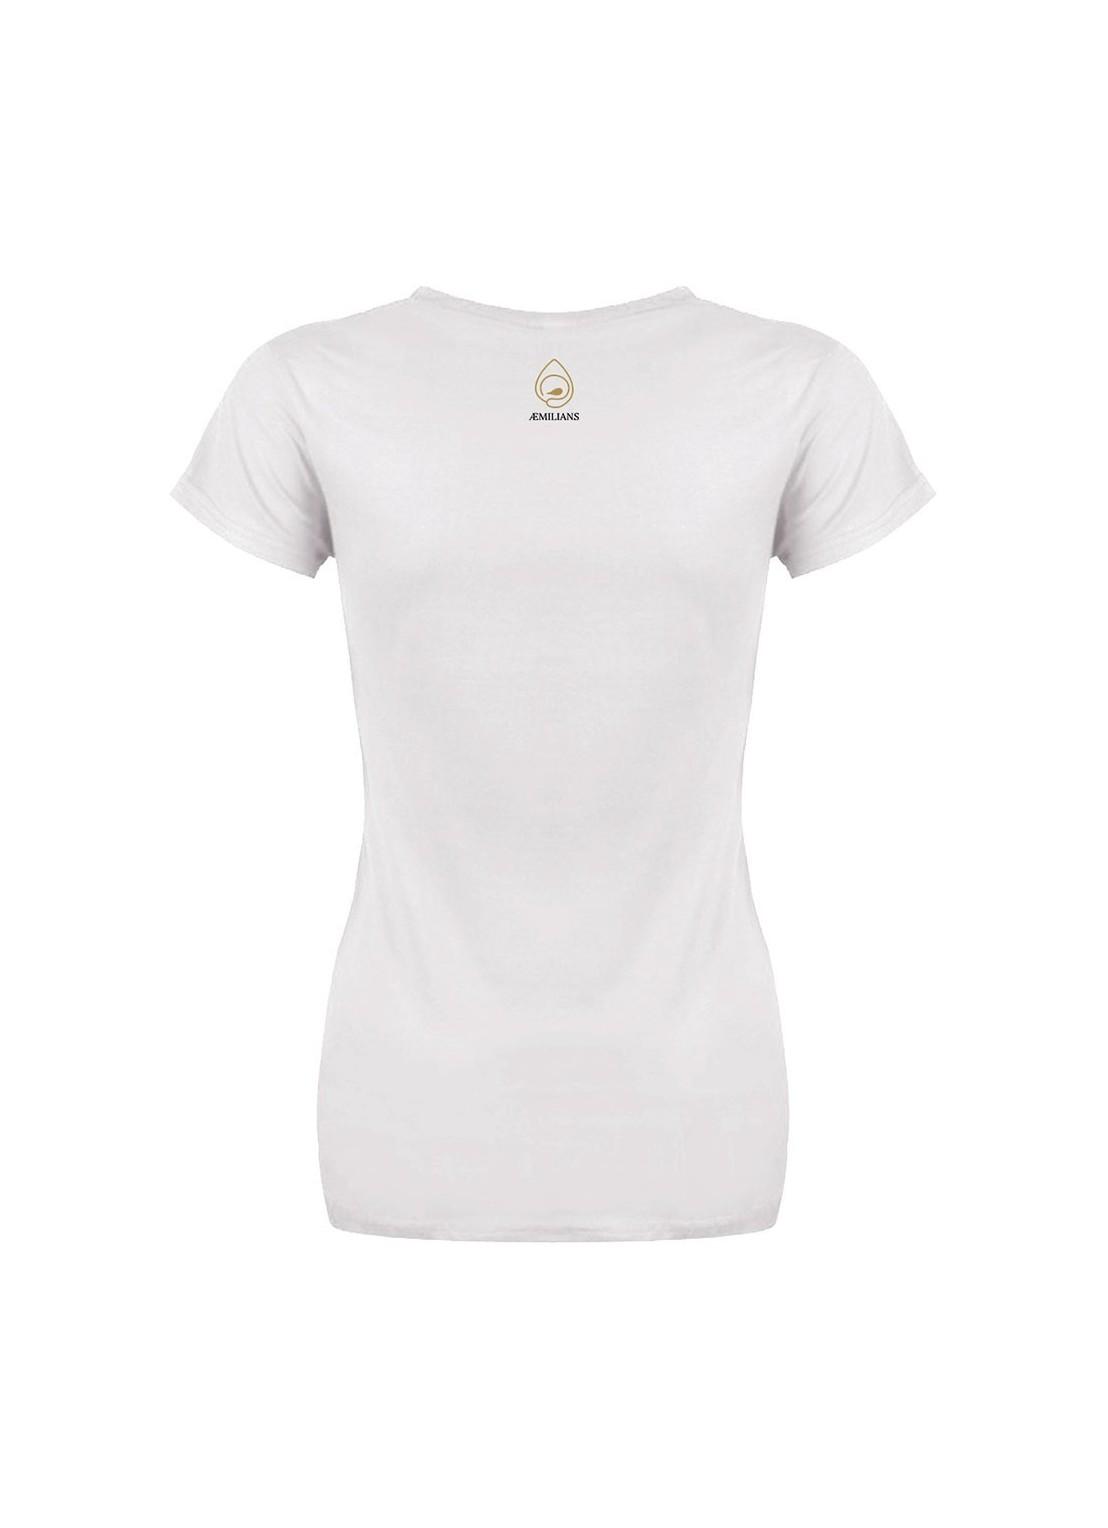 """T-shirt """"Ragazza paradiso"""" unisex bianca"""